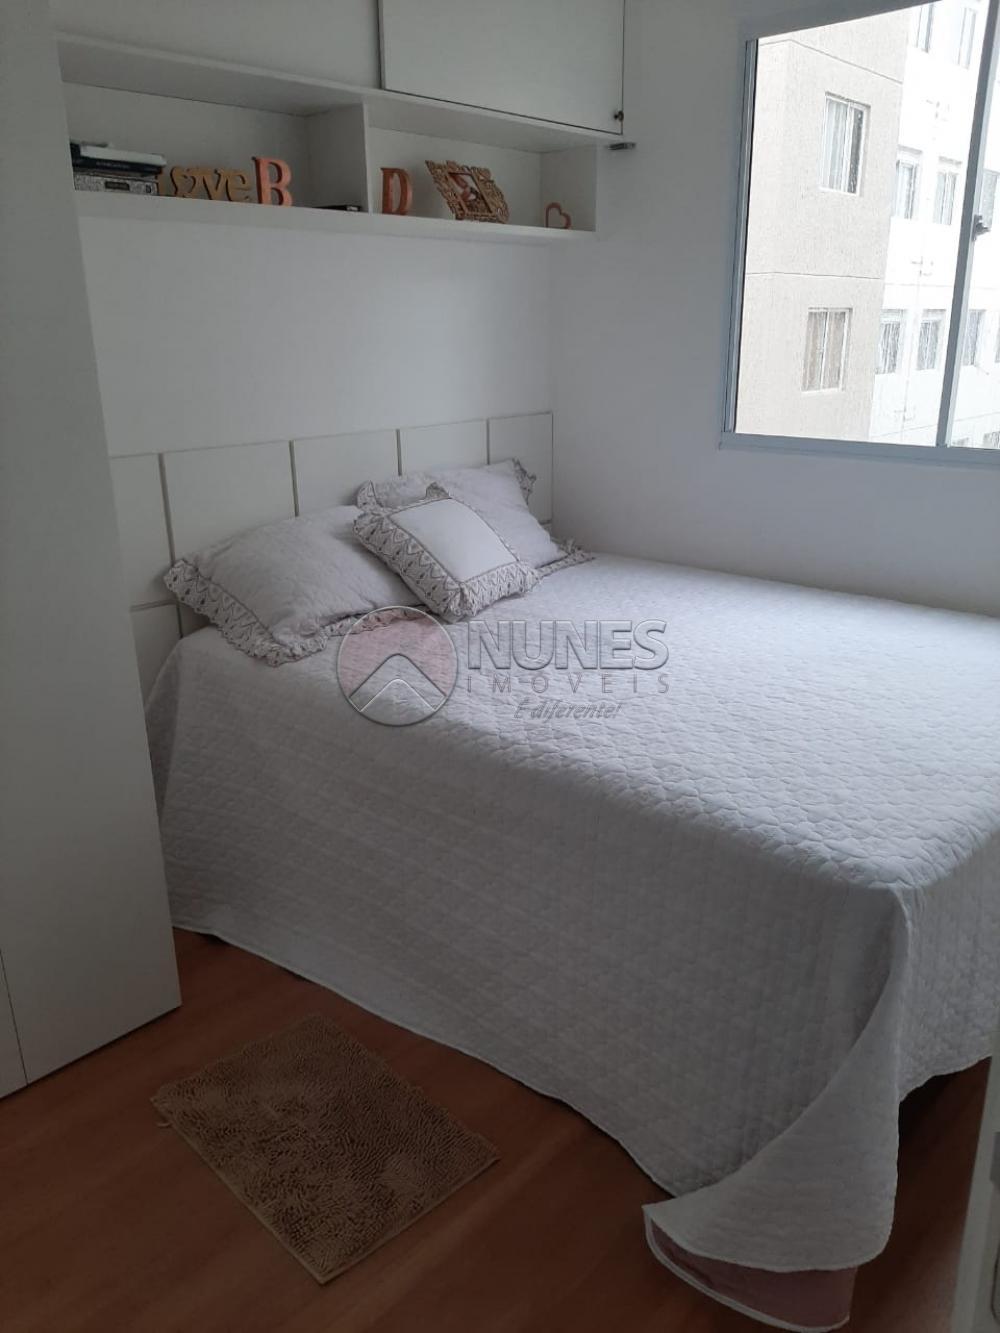 Comprar Apartamento / Padrão em São Paulo apenas R$ 225.000,00 - Foto 7